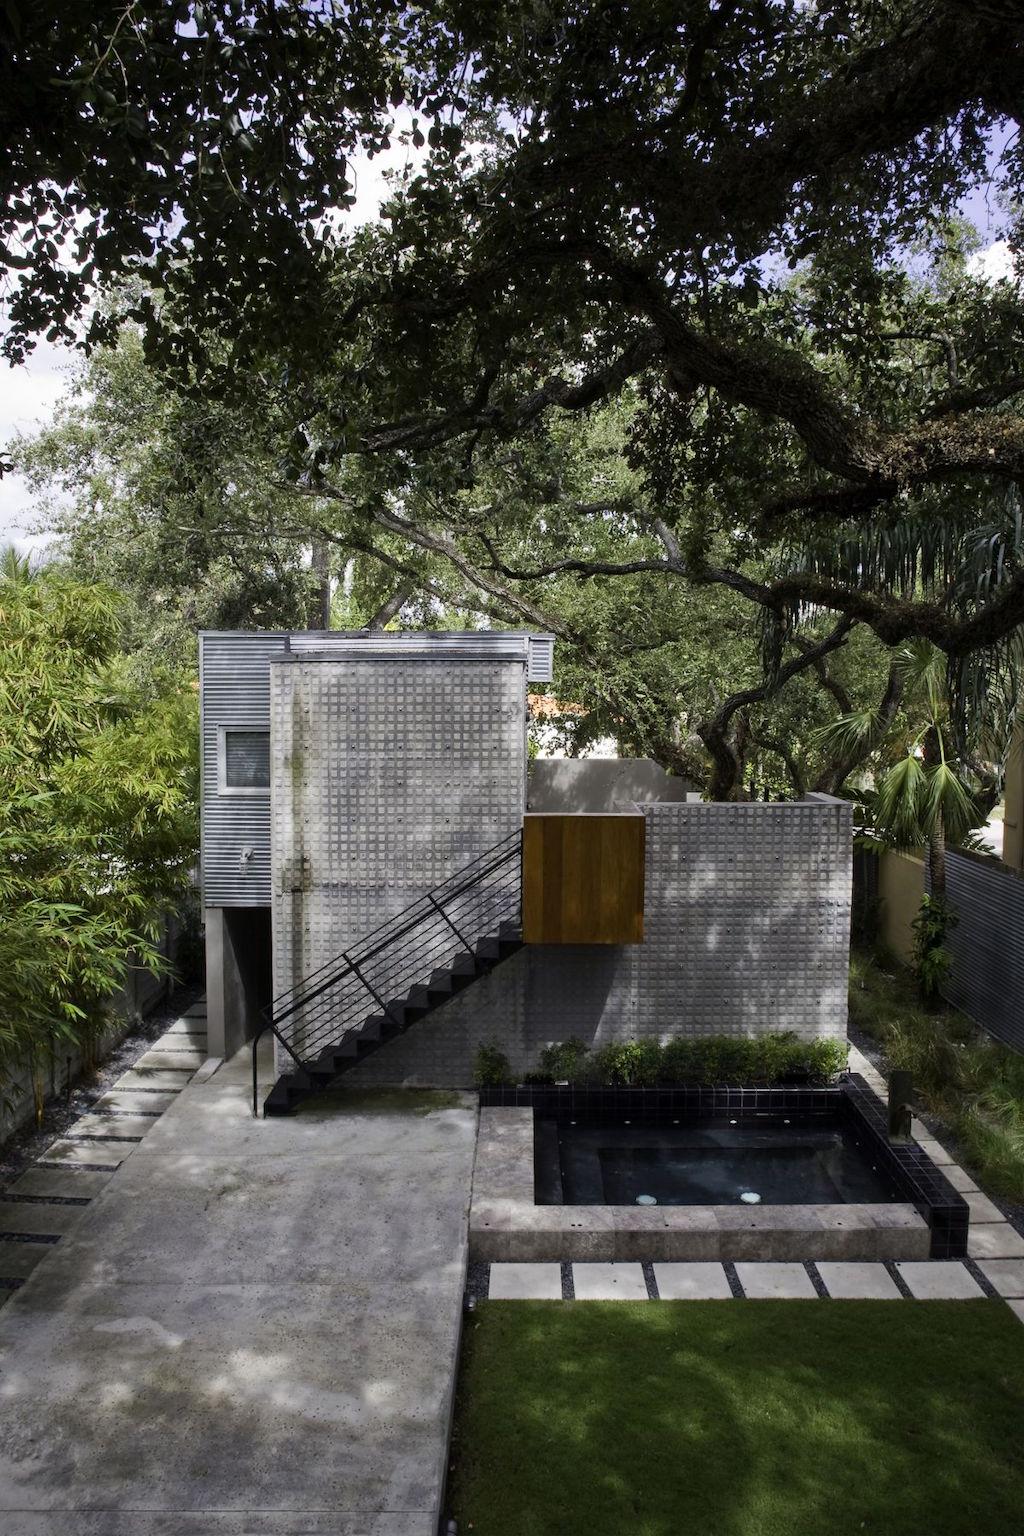 casa-grove-mateu-architecture-1